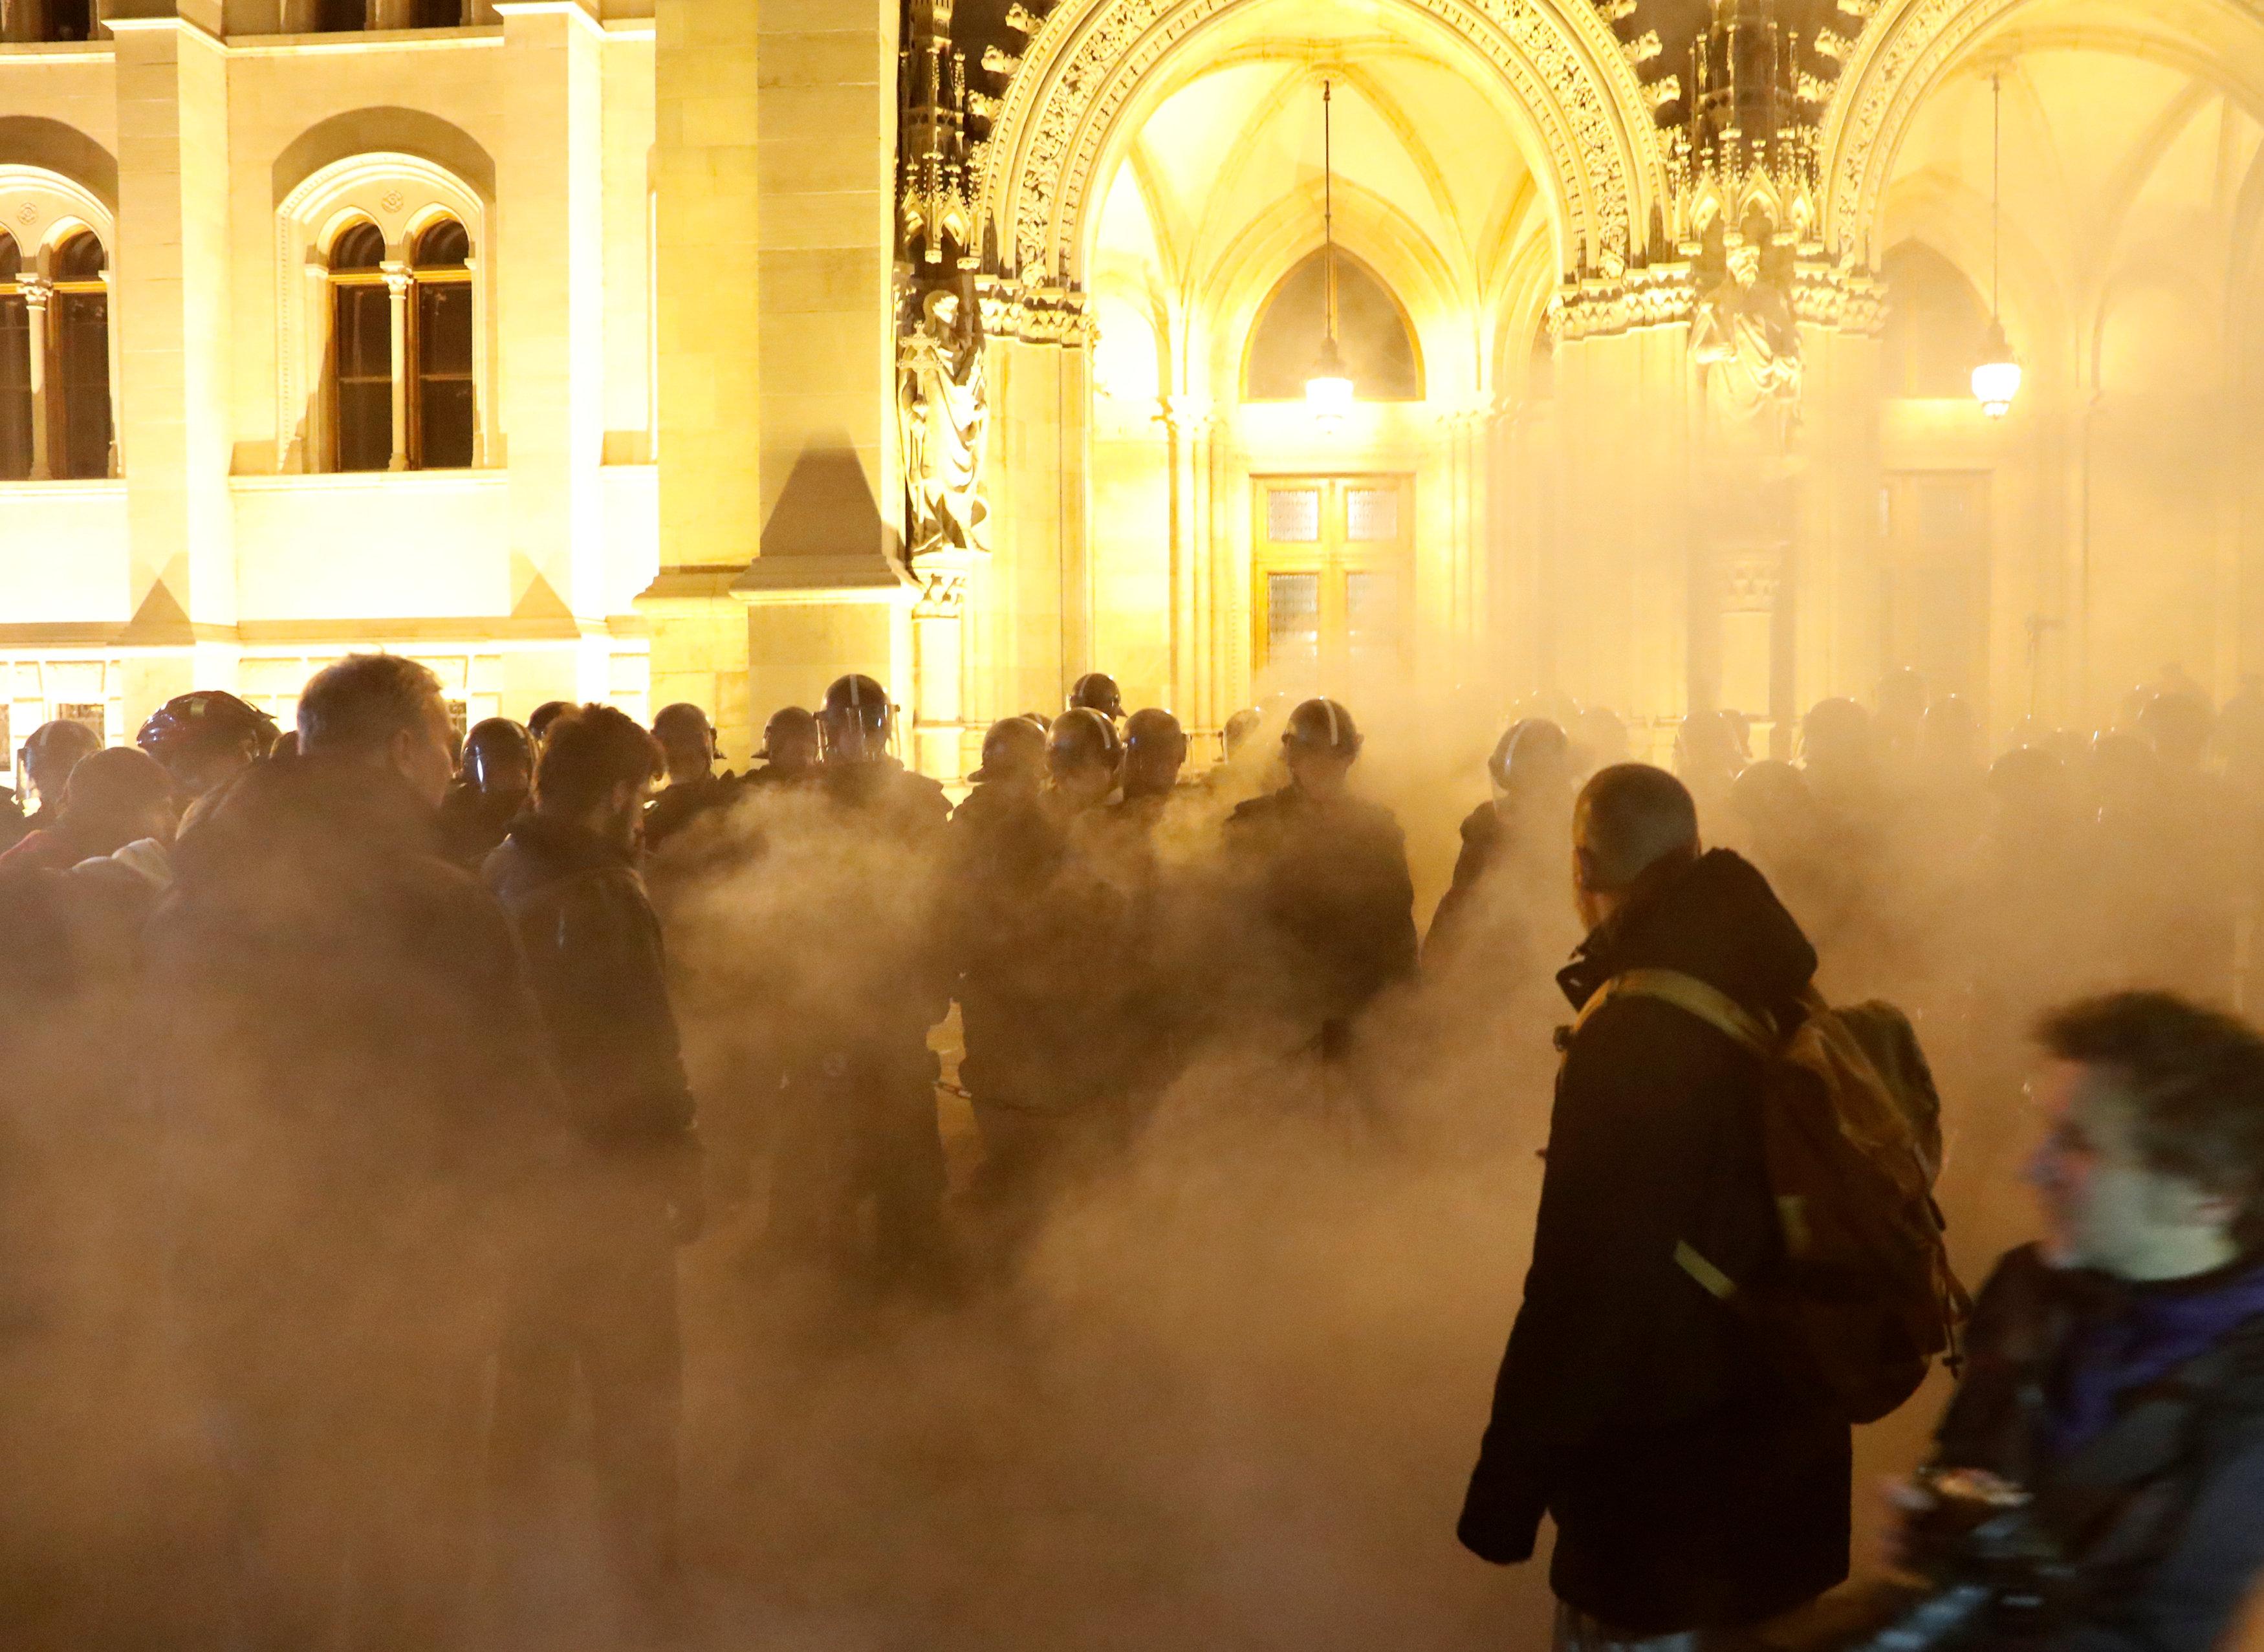 احتجاجات فى المجر ضد قانون العمل الجديد (3)